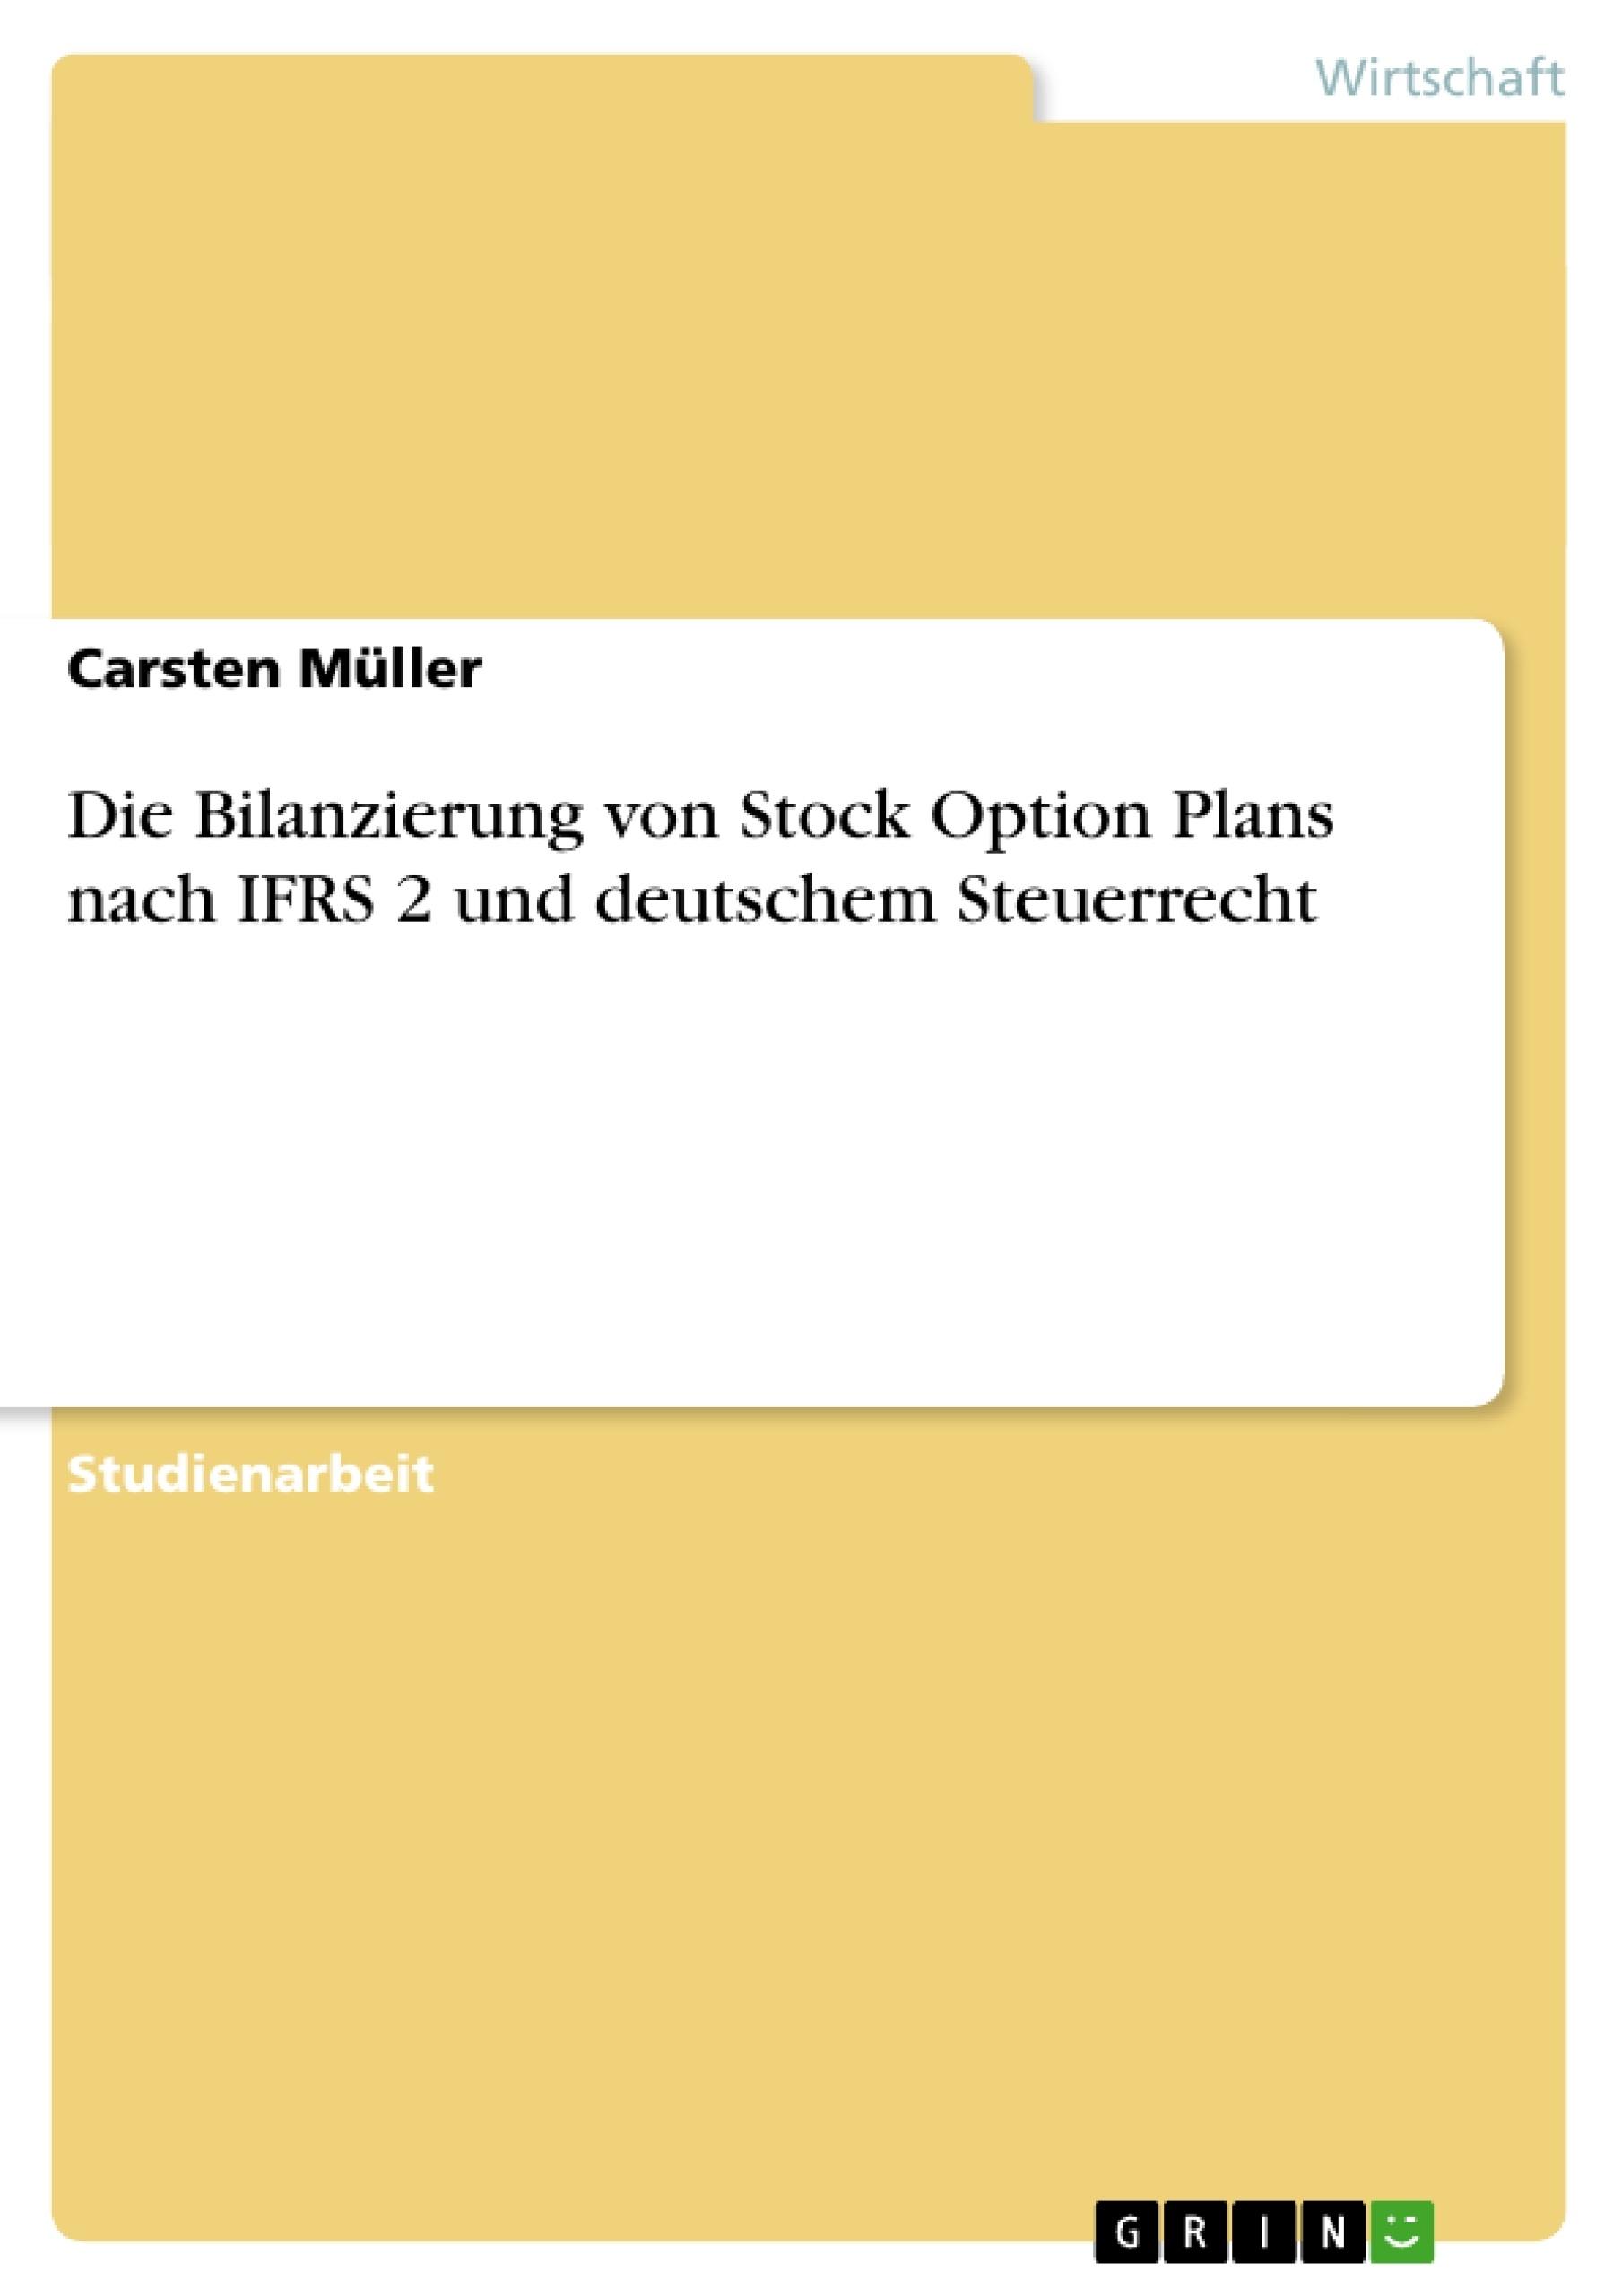 Titel: Die Bilanzierung von Stock Option Plans nach IFRS 2 und deutschem Steuerrecht